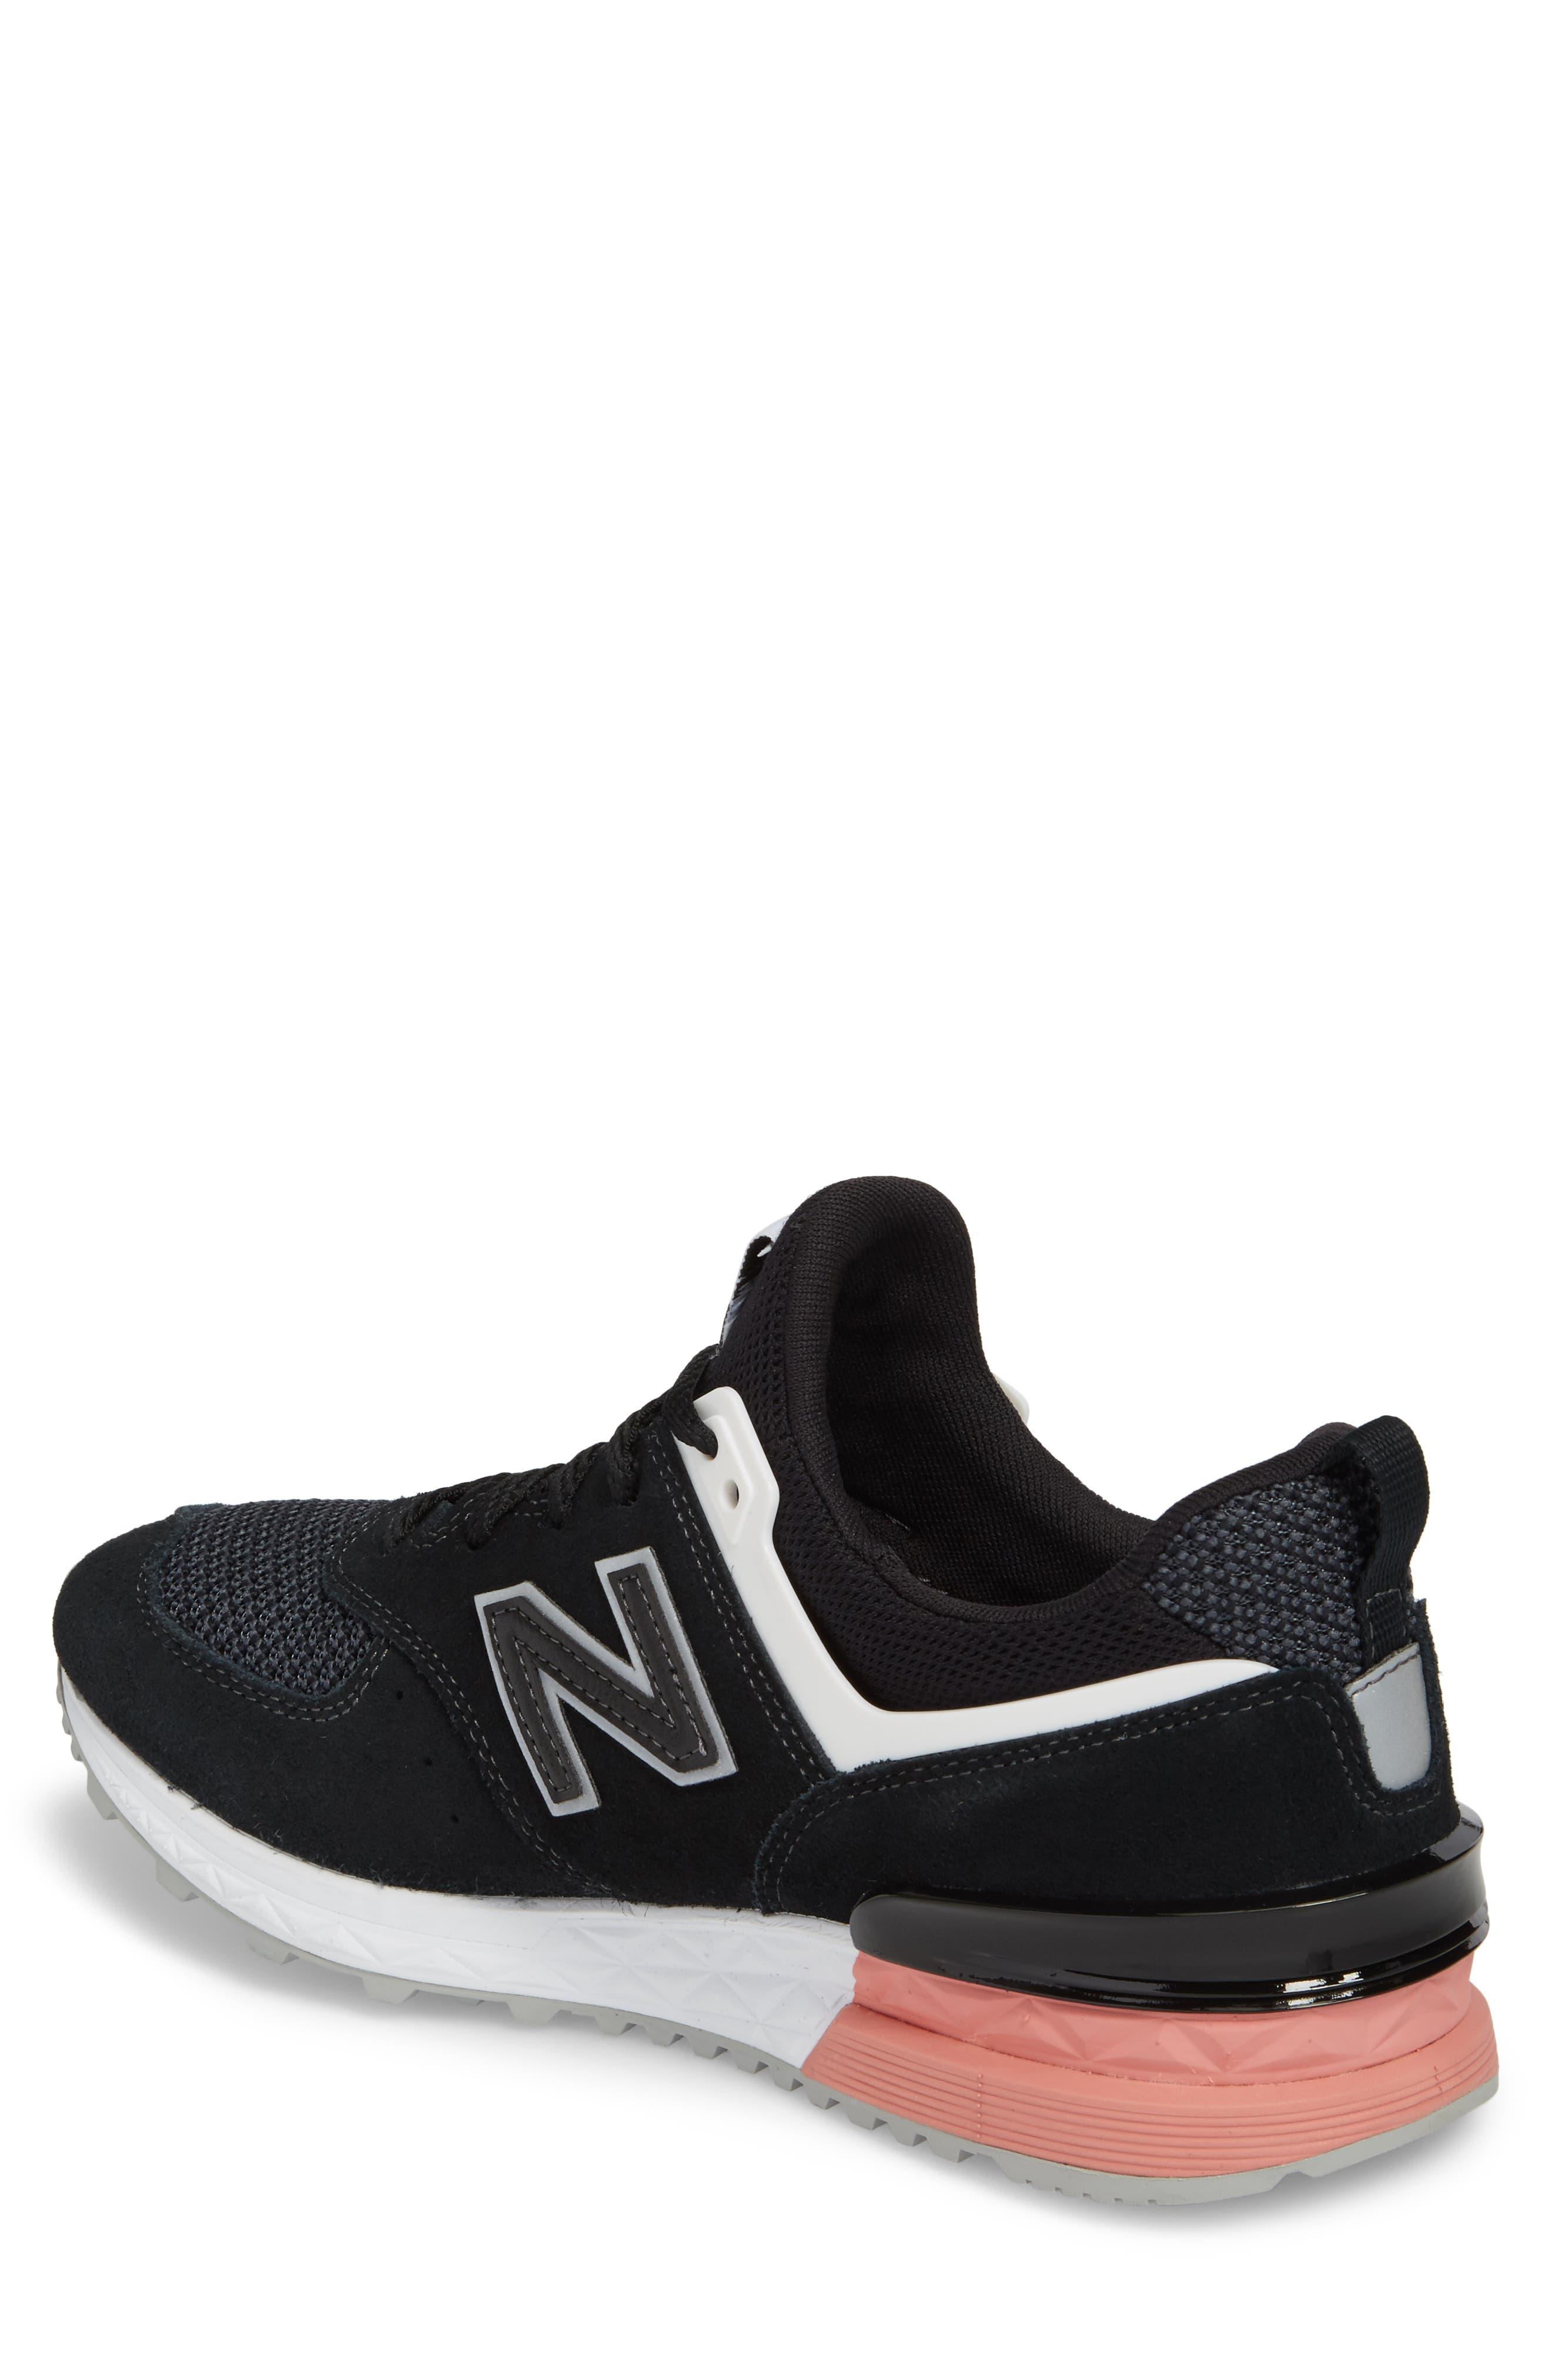 574 T3 Sport Sneaker,                             Alternate thumbnail 2, color,                             Black